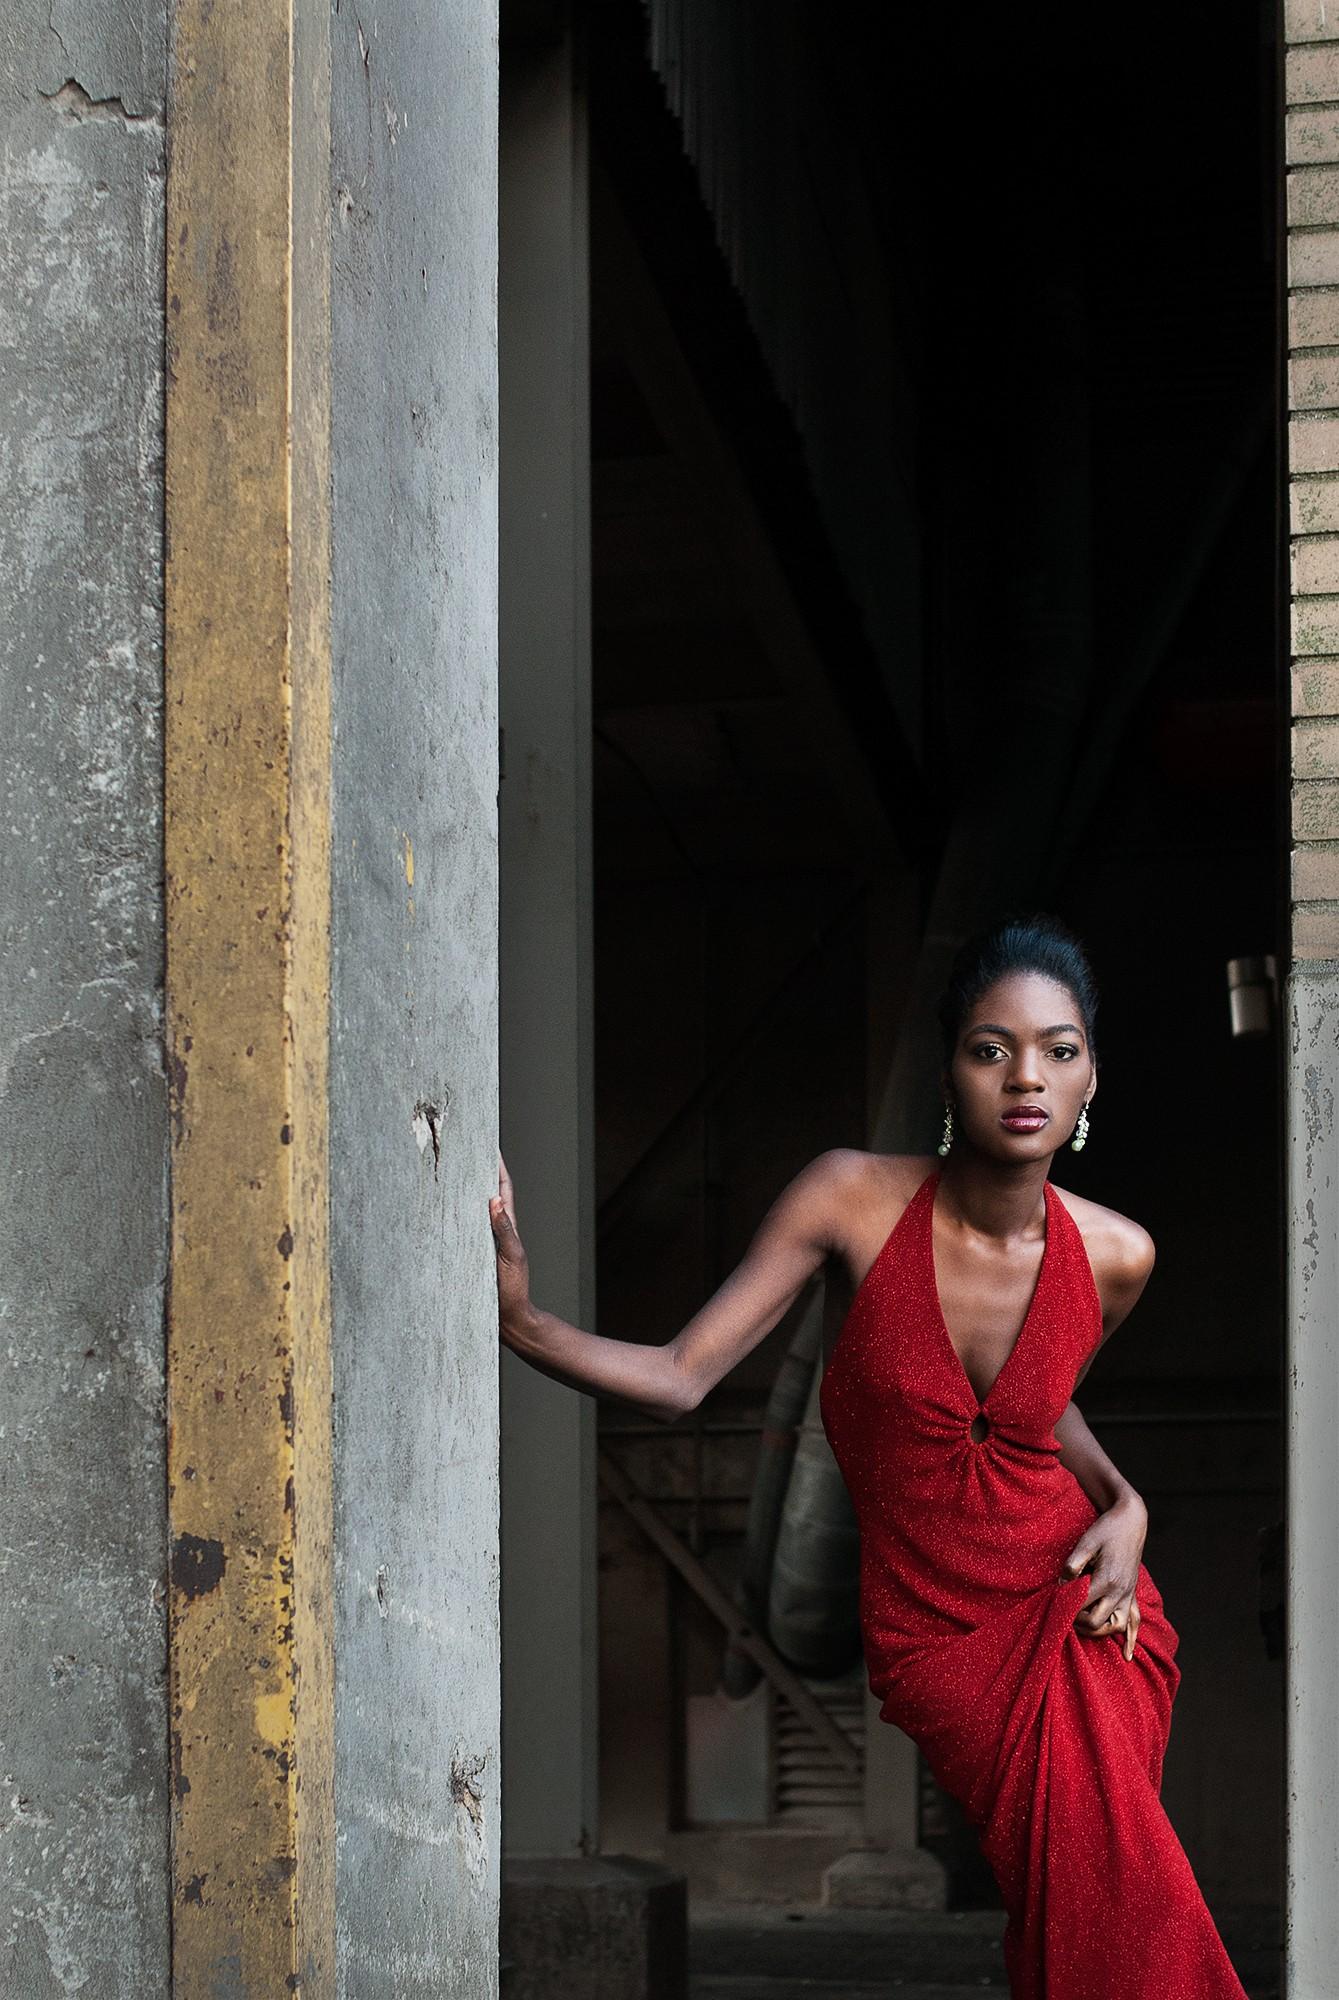 Séance photo de mode dans une décor industriel / Portfolio de mannequin féminin pour agence